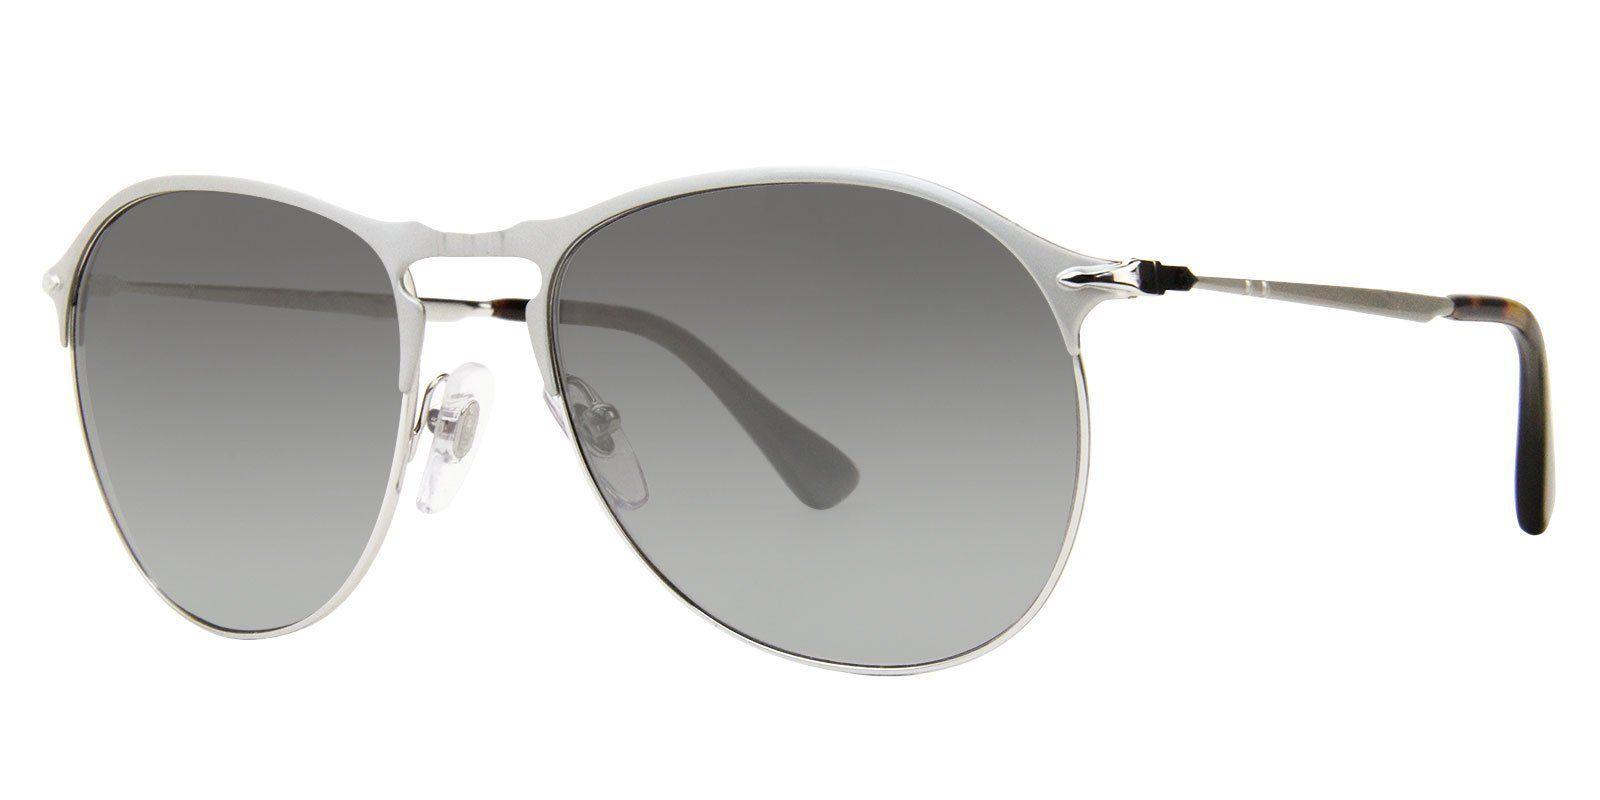 f5cb965eeaefd Persol - PO7649-S Silver - Gray-sunglasses-Designer Eyes